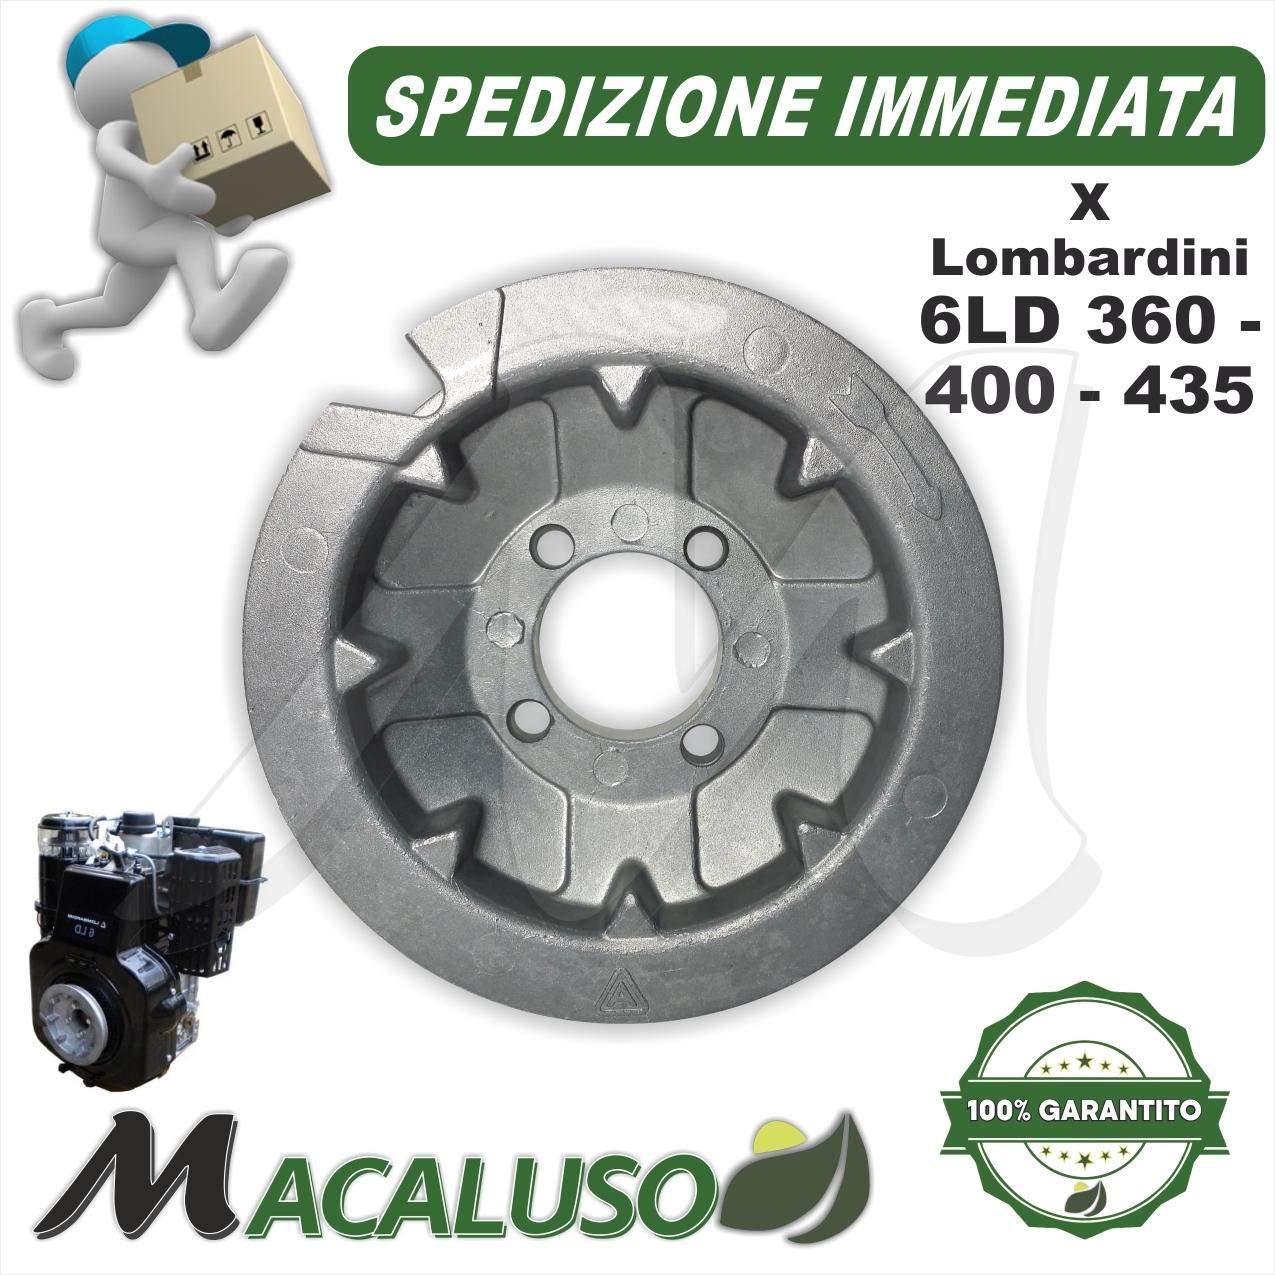 Marmitta motore Lombardini 3LD 510 LDA 450 510 4LD 640 705 collettore corto